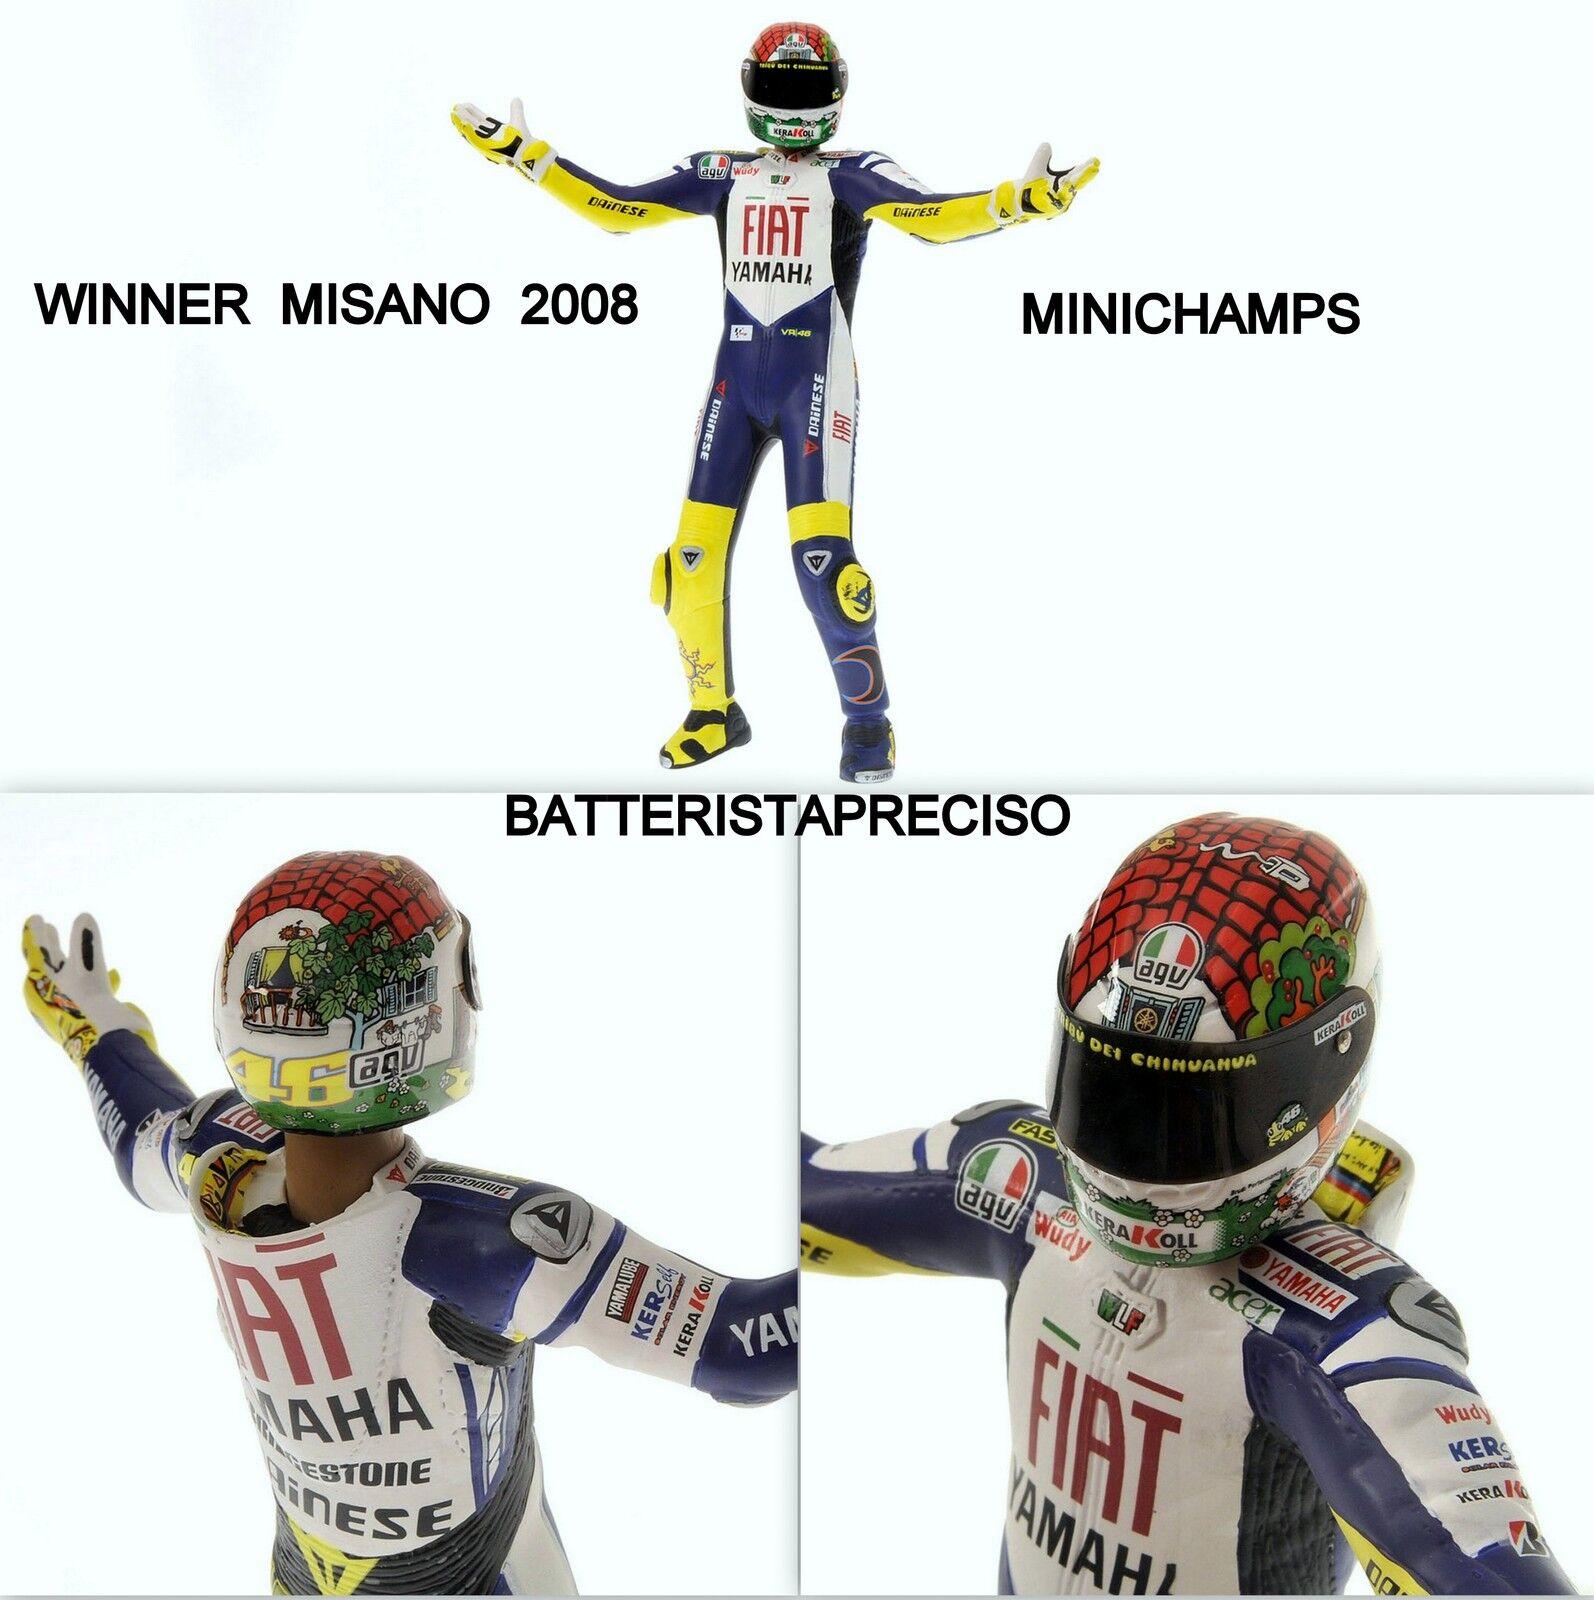 MINICHAMPS VALENTINO ROSSI 1/12 PILOTA  2008  GP MISANO FIGURE NOVITA'  FIGURINE